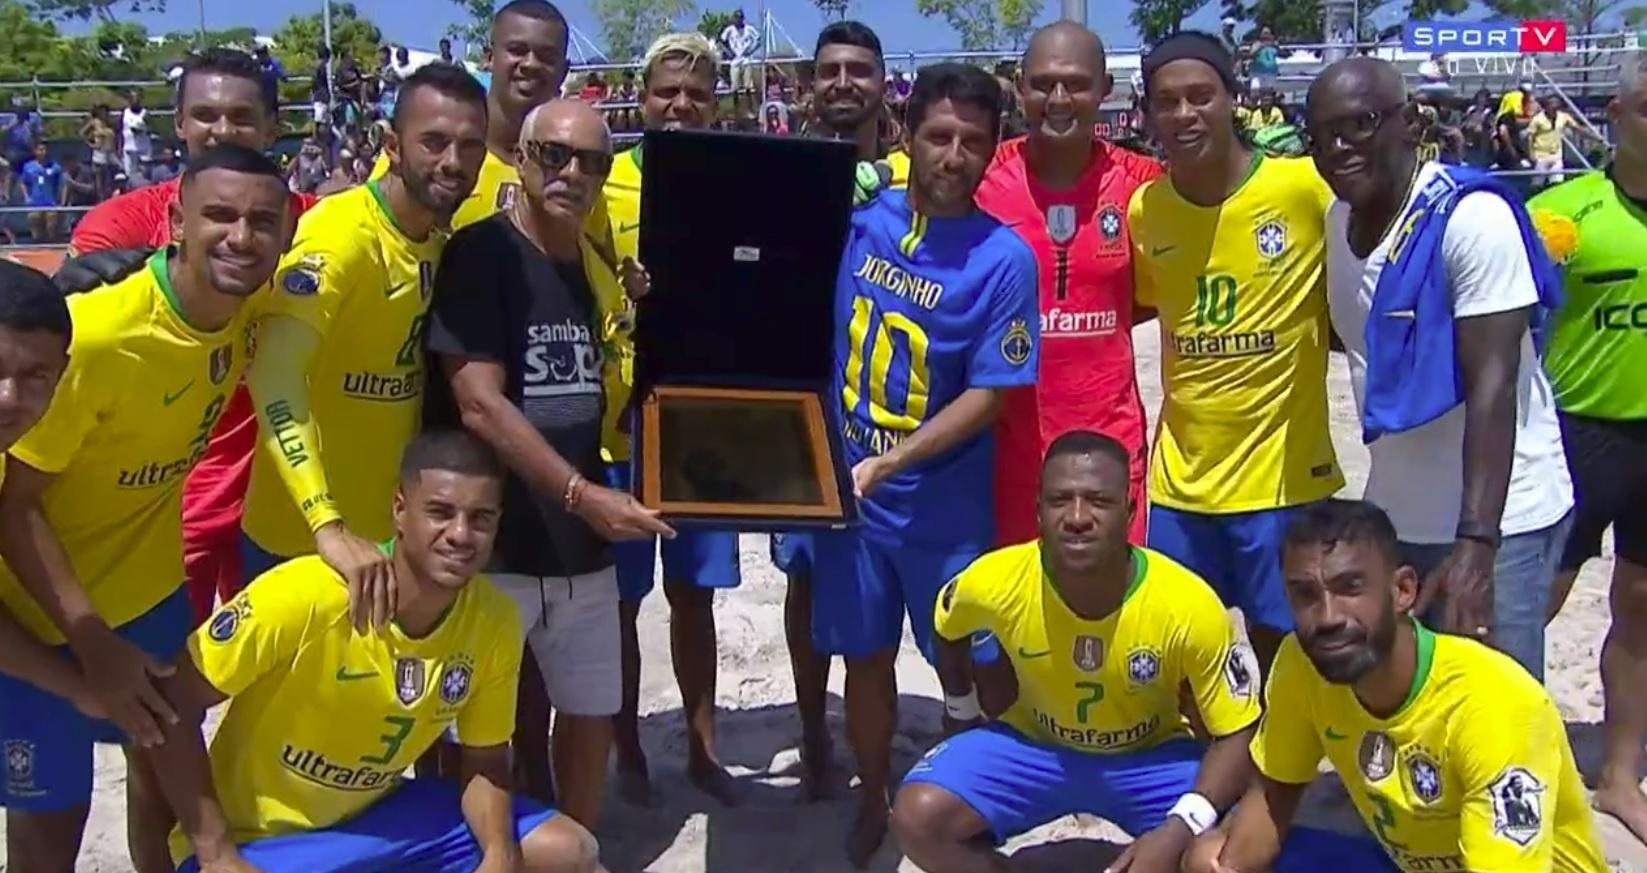 Ronaldinho Gaúcho estreia no futebol de areia em despedida de Jorginho